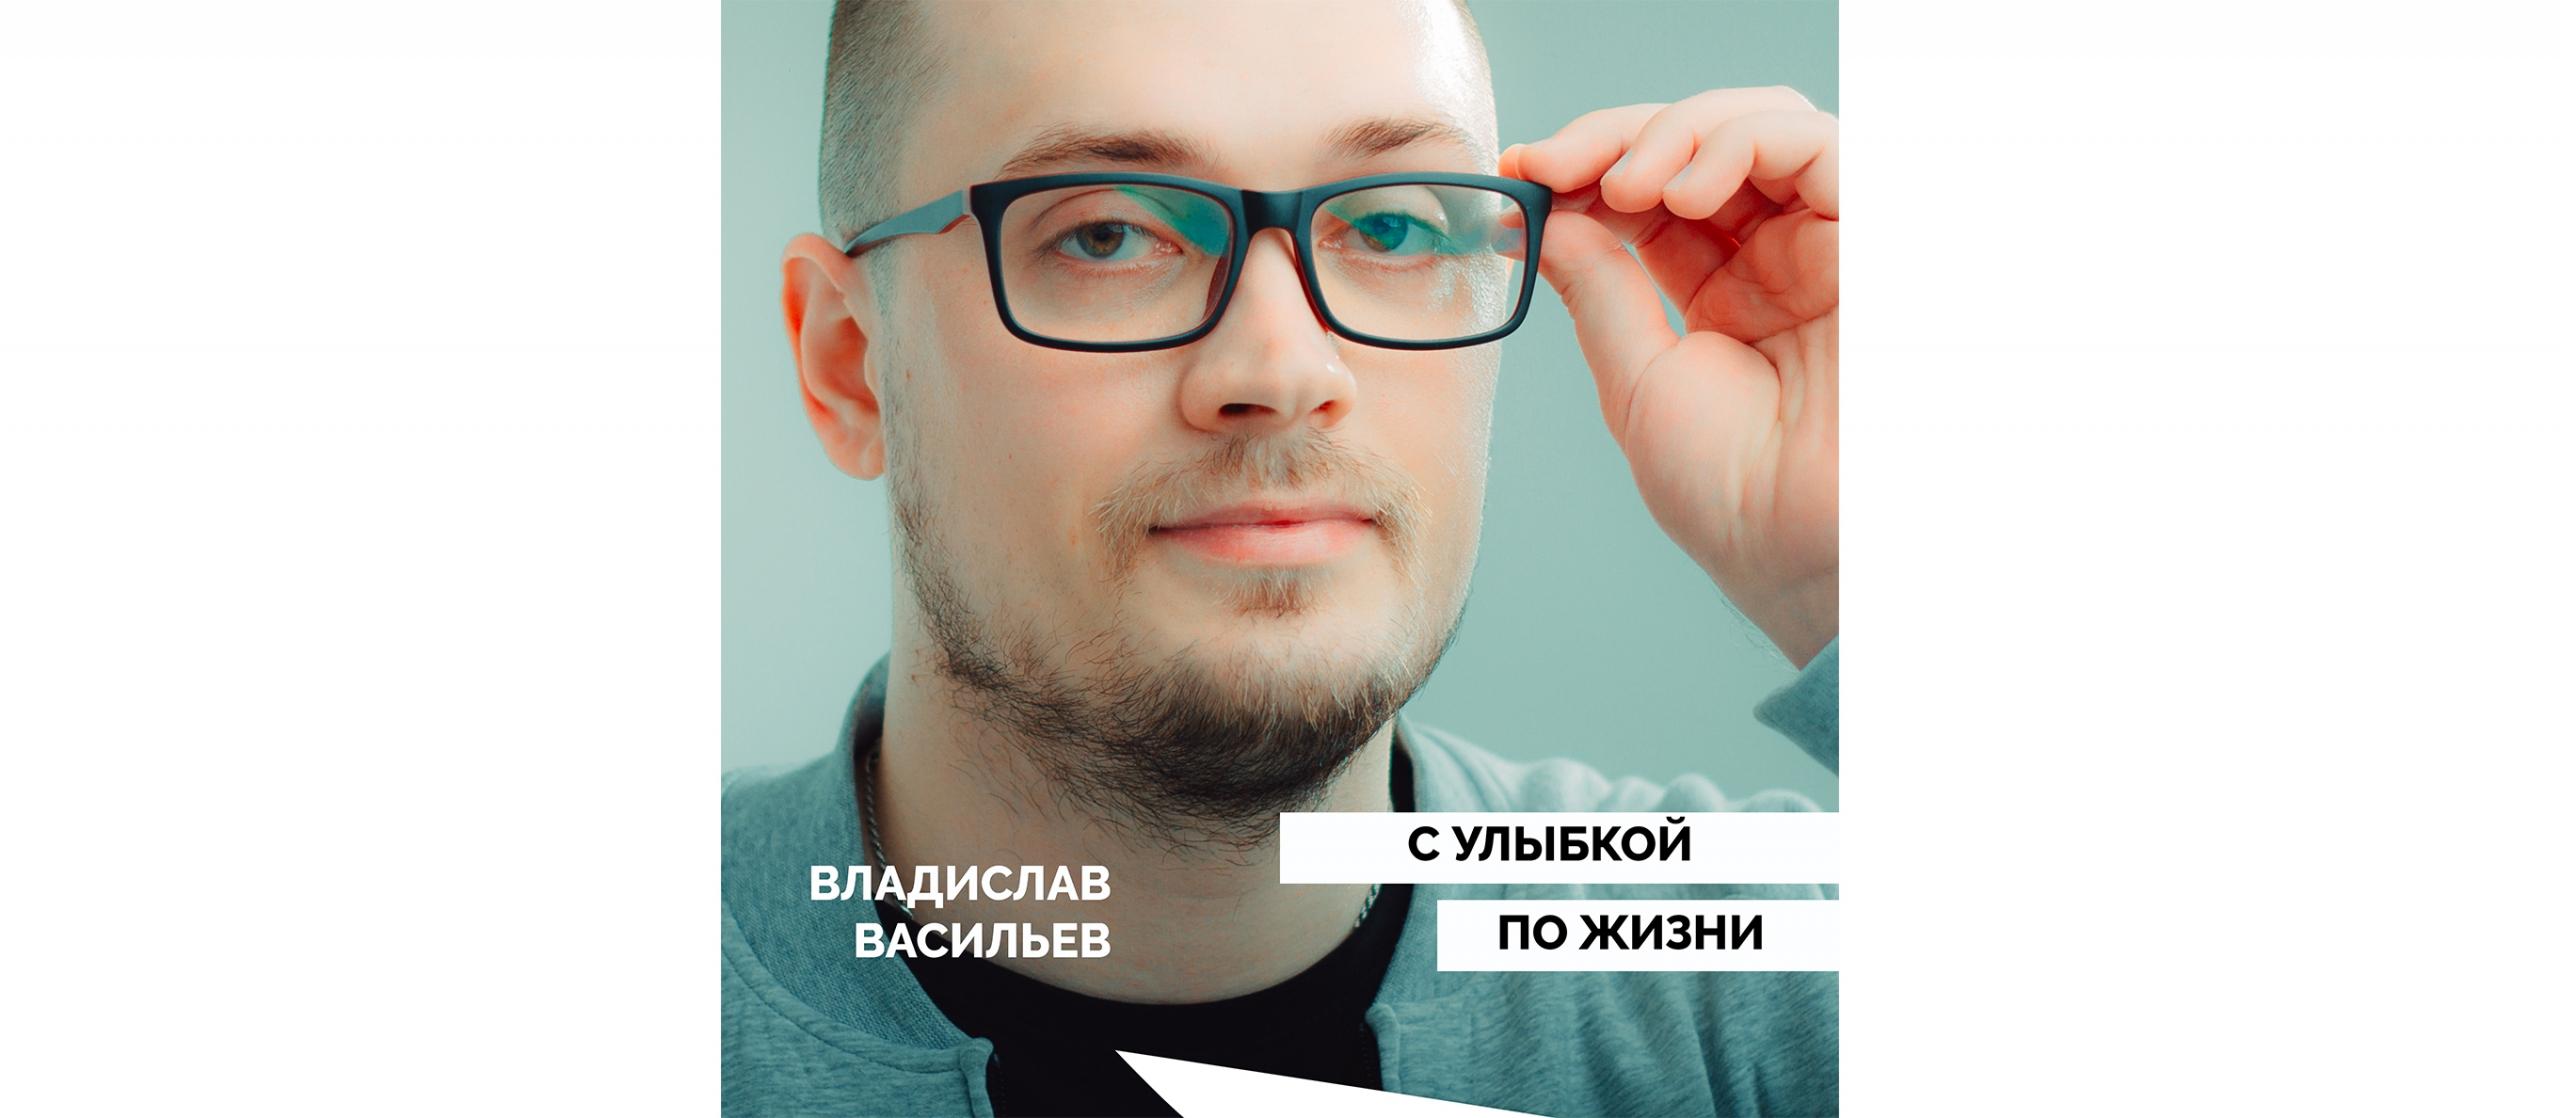 Владислав Васильев — Интервью